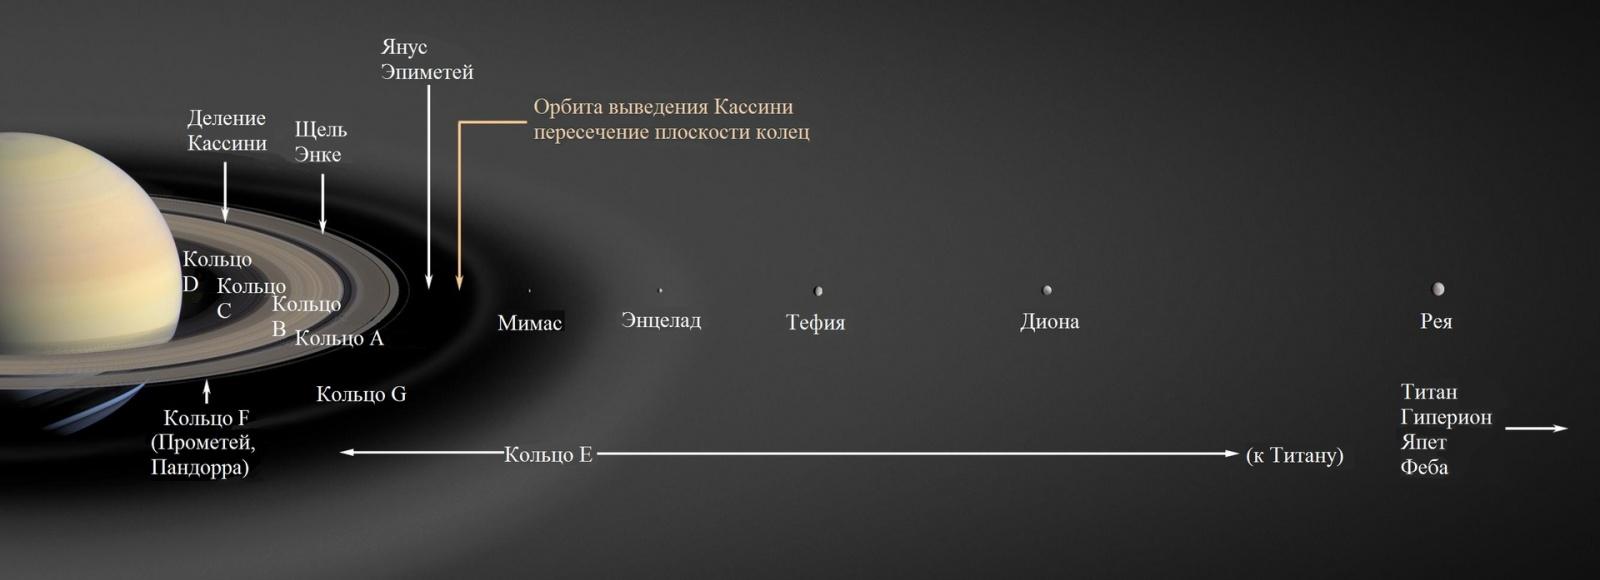 Кассини-Гюйгенс — финал 20 лет исследований - 11